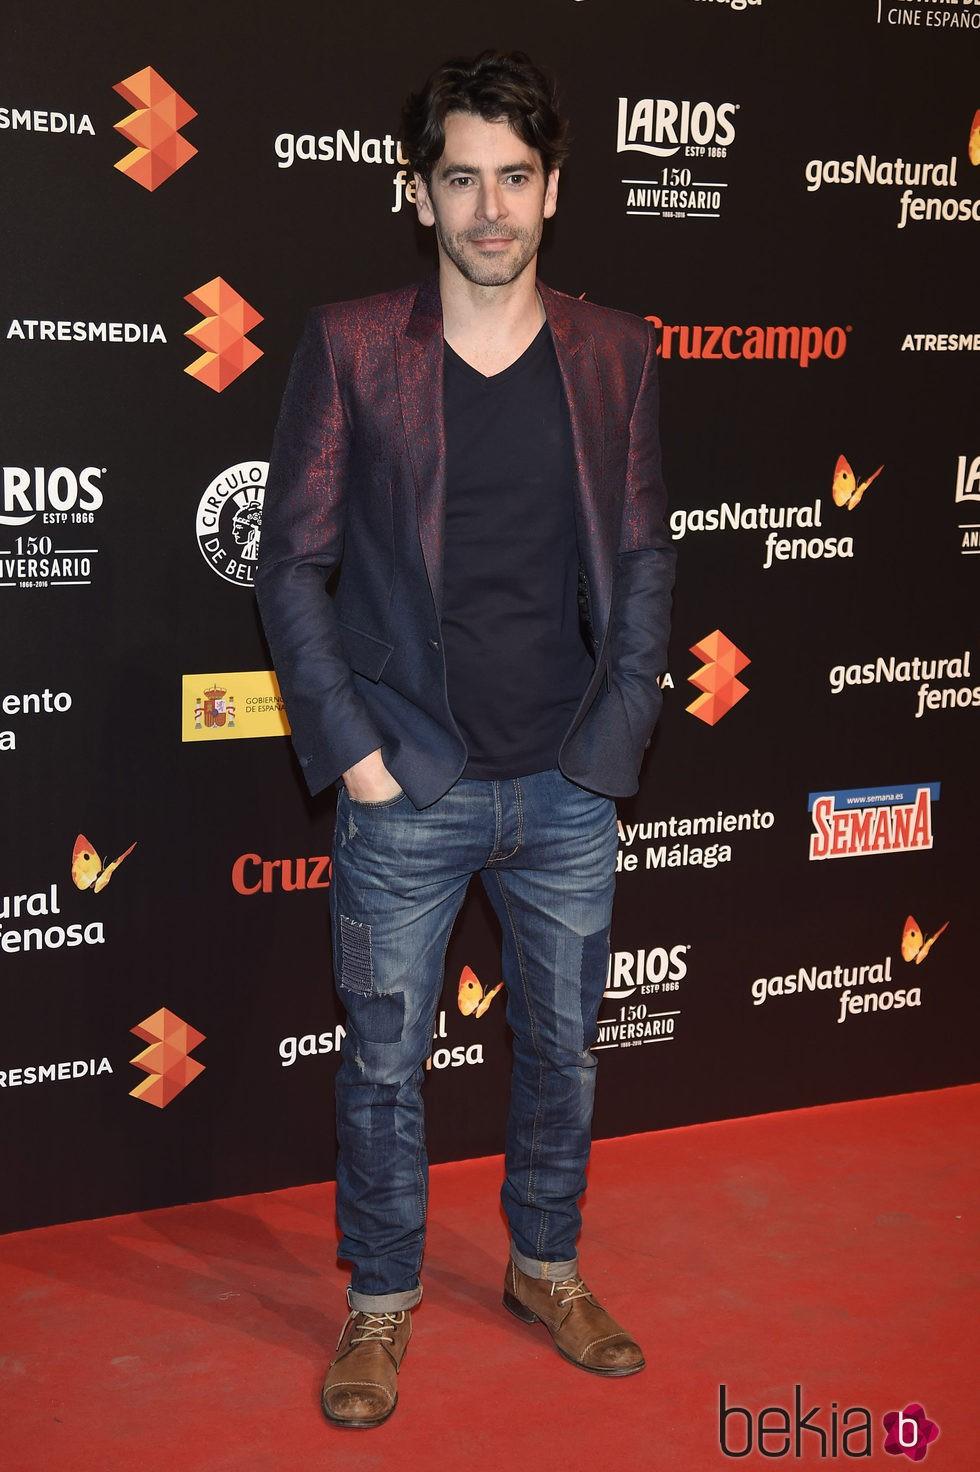 Eduardo Noriega en la presentación del Festival de Málaga 2016 en Madrid